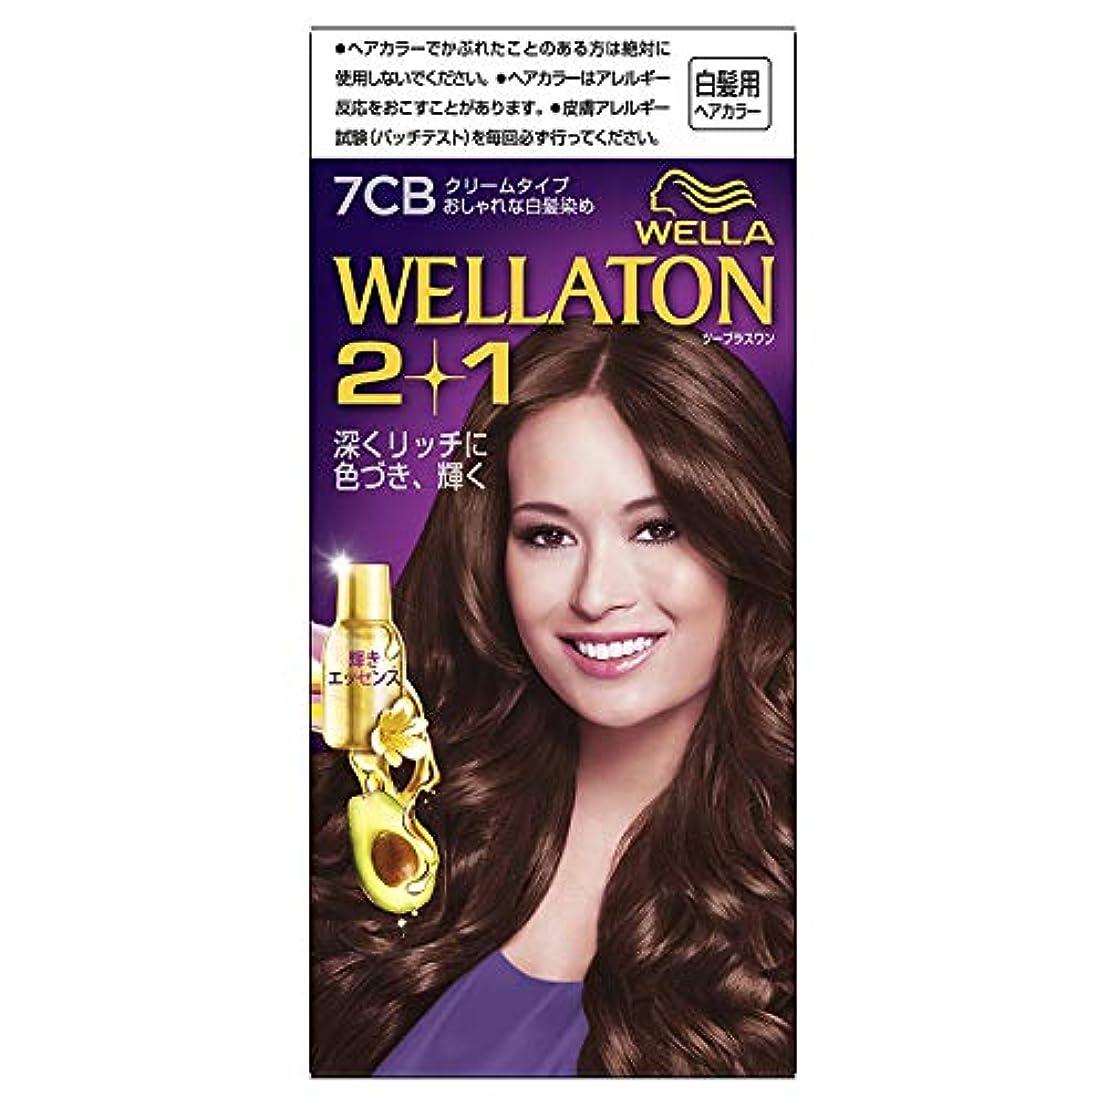 未使用近く冷蔵するウエラトーン2+1 白髪染め クリームタイプ 7CB [医薬部外品] ×6個